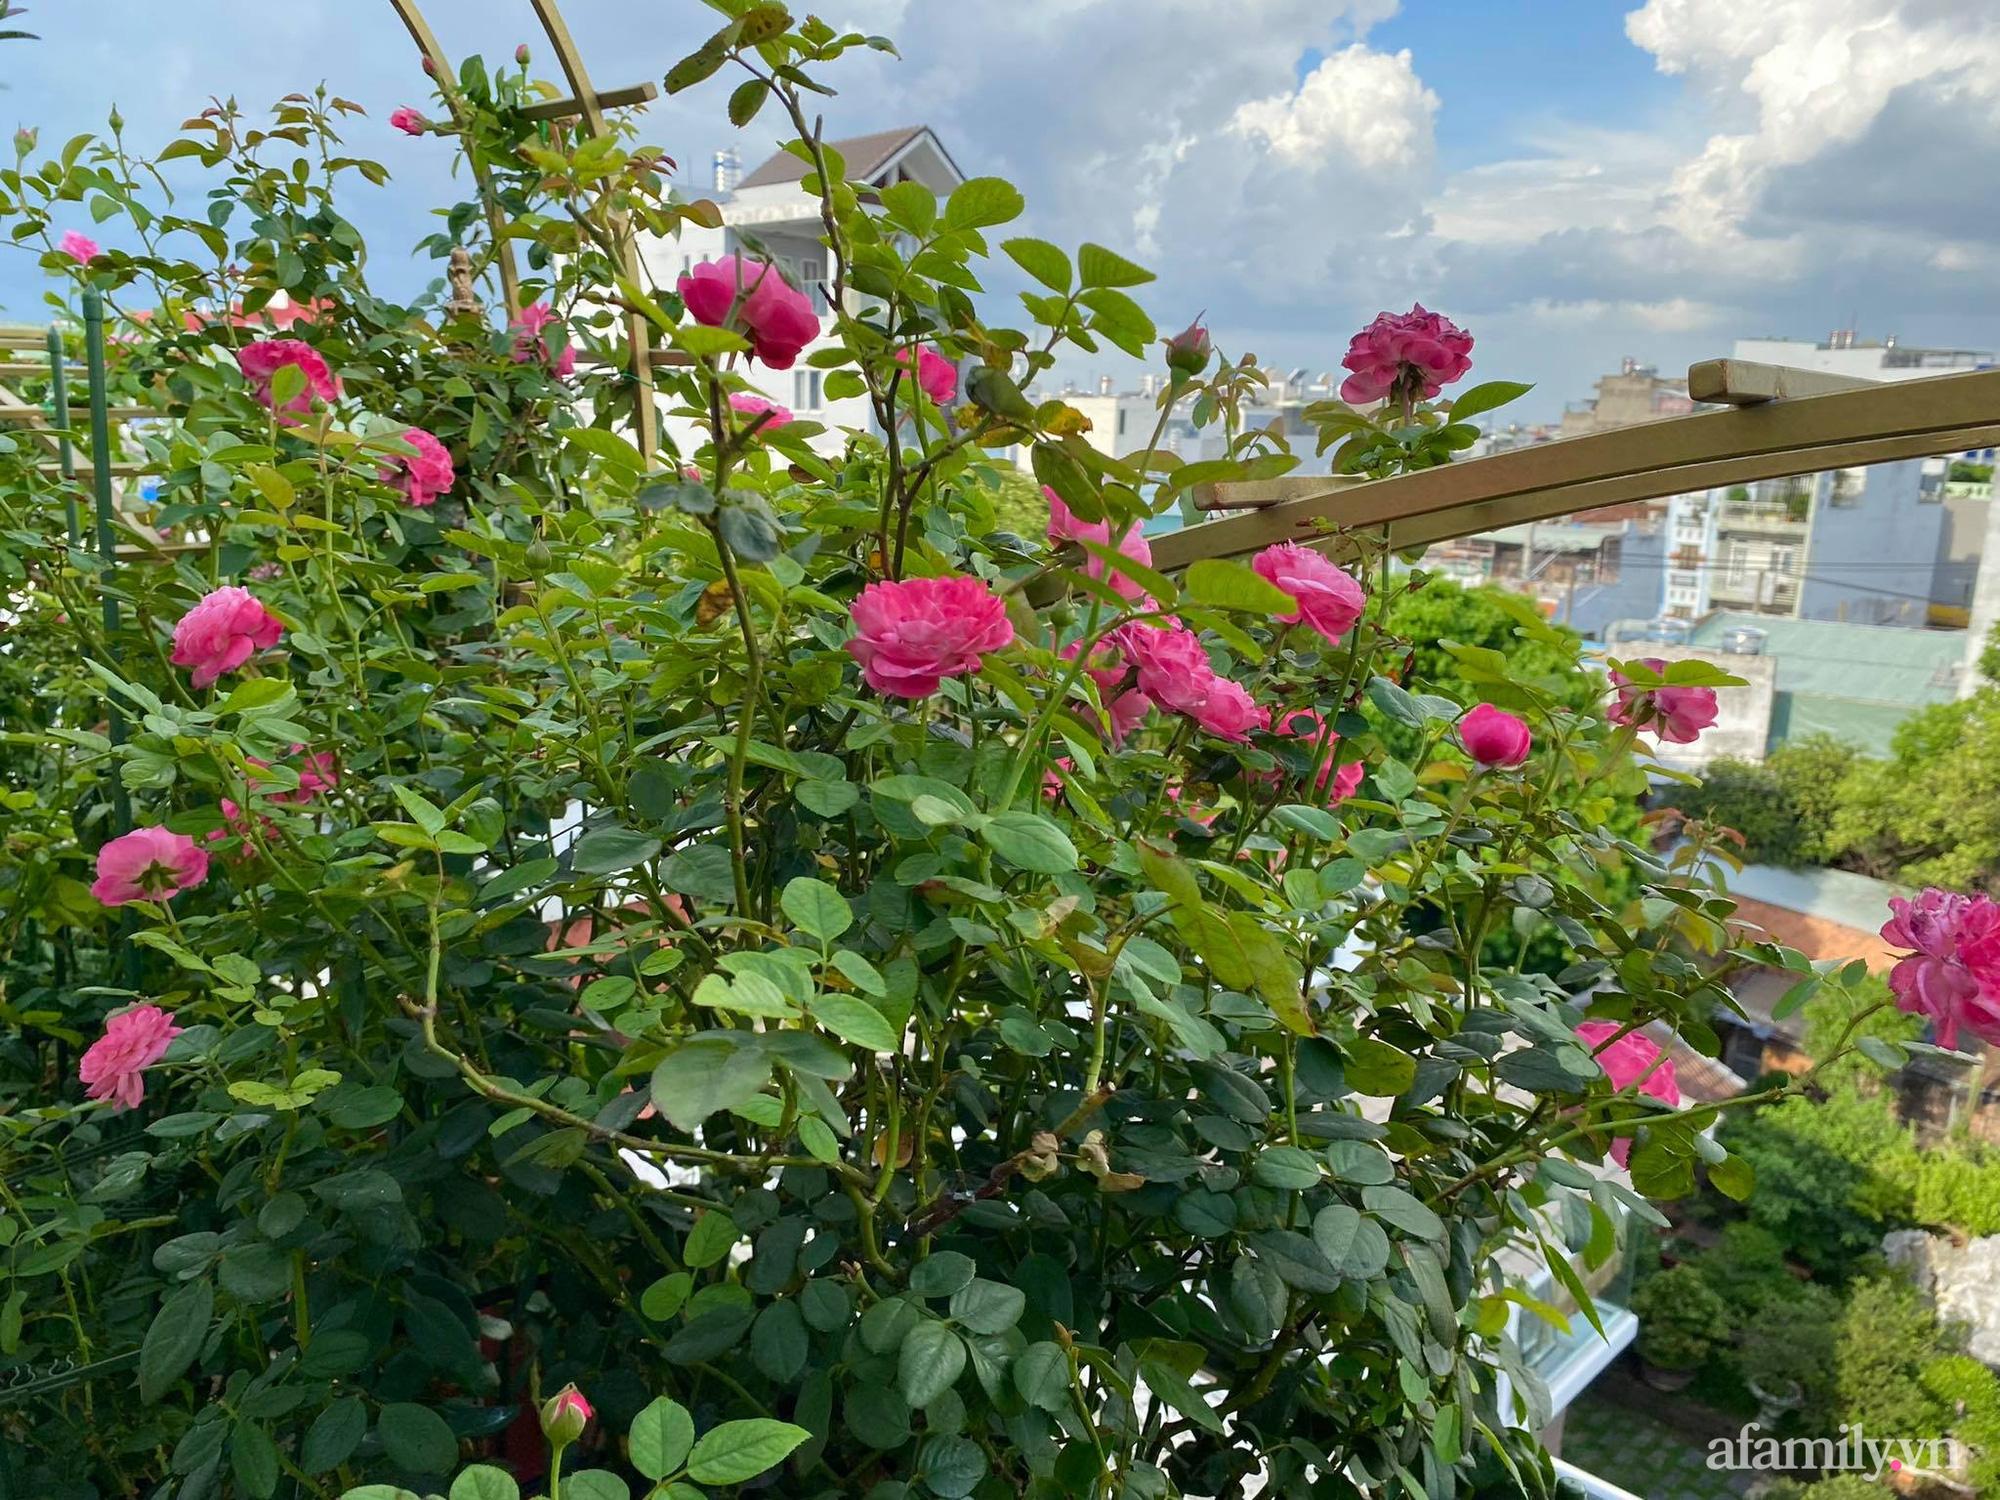 Sân thượng phủ kín hoa hồng và rau quả sạch ở Sài Gòn của Hoa hậu Janny Thủy Trần-5